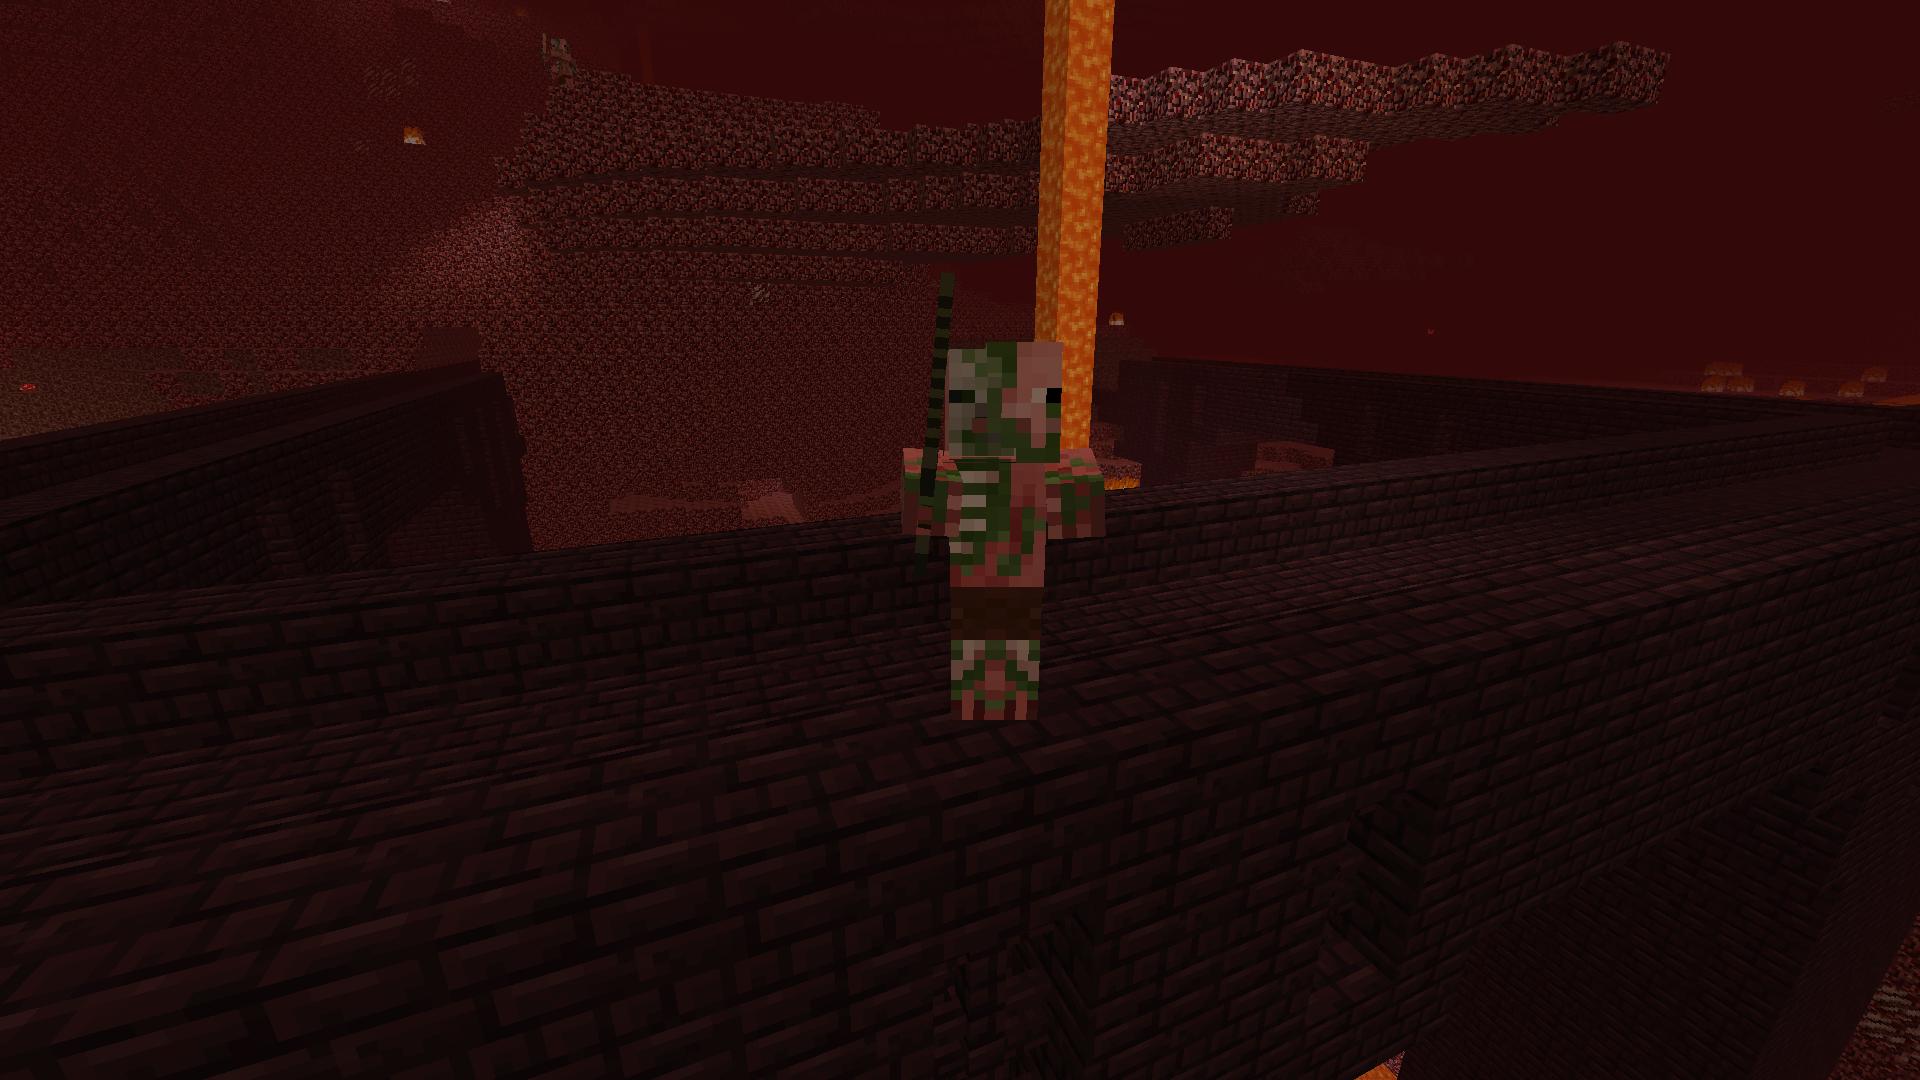 Fantastic Wallpaper Minecraft Zombie Pigman - latest?cb\u003d20131231195003  Pictures_1003528.png/revision/latest?cb\u003d20131231195003